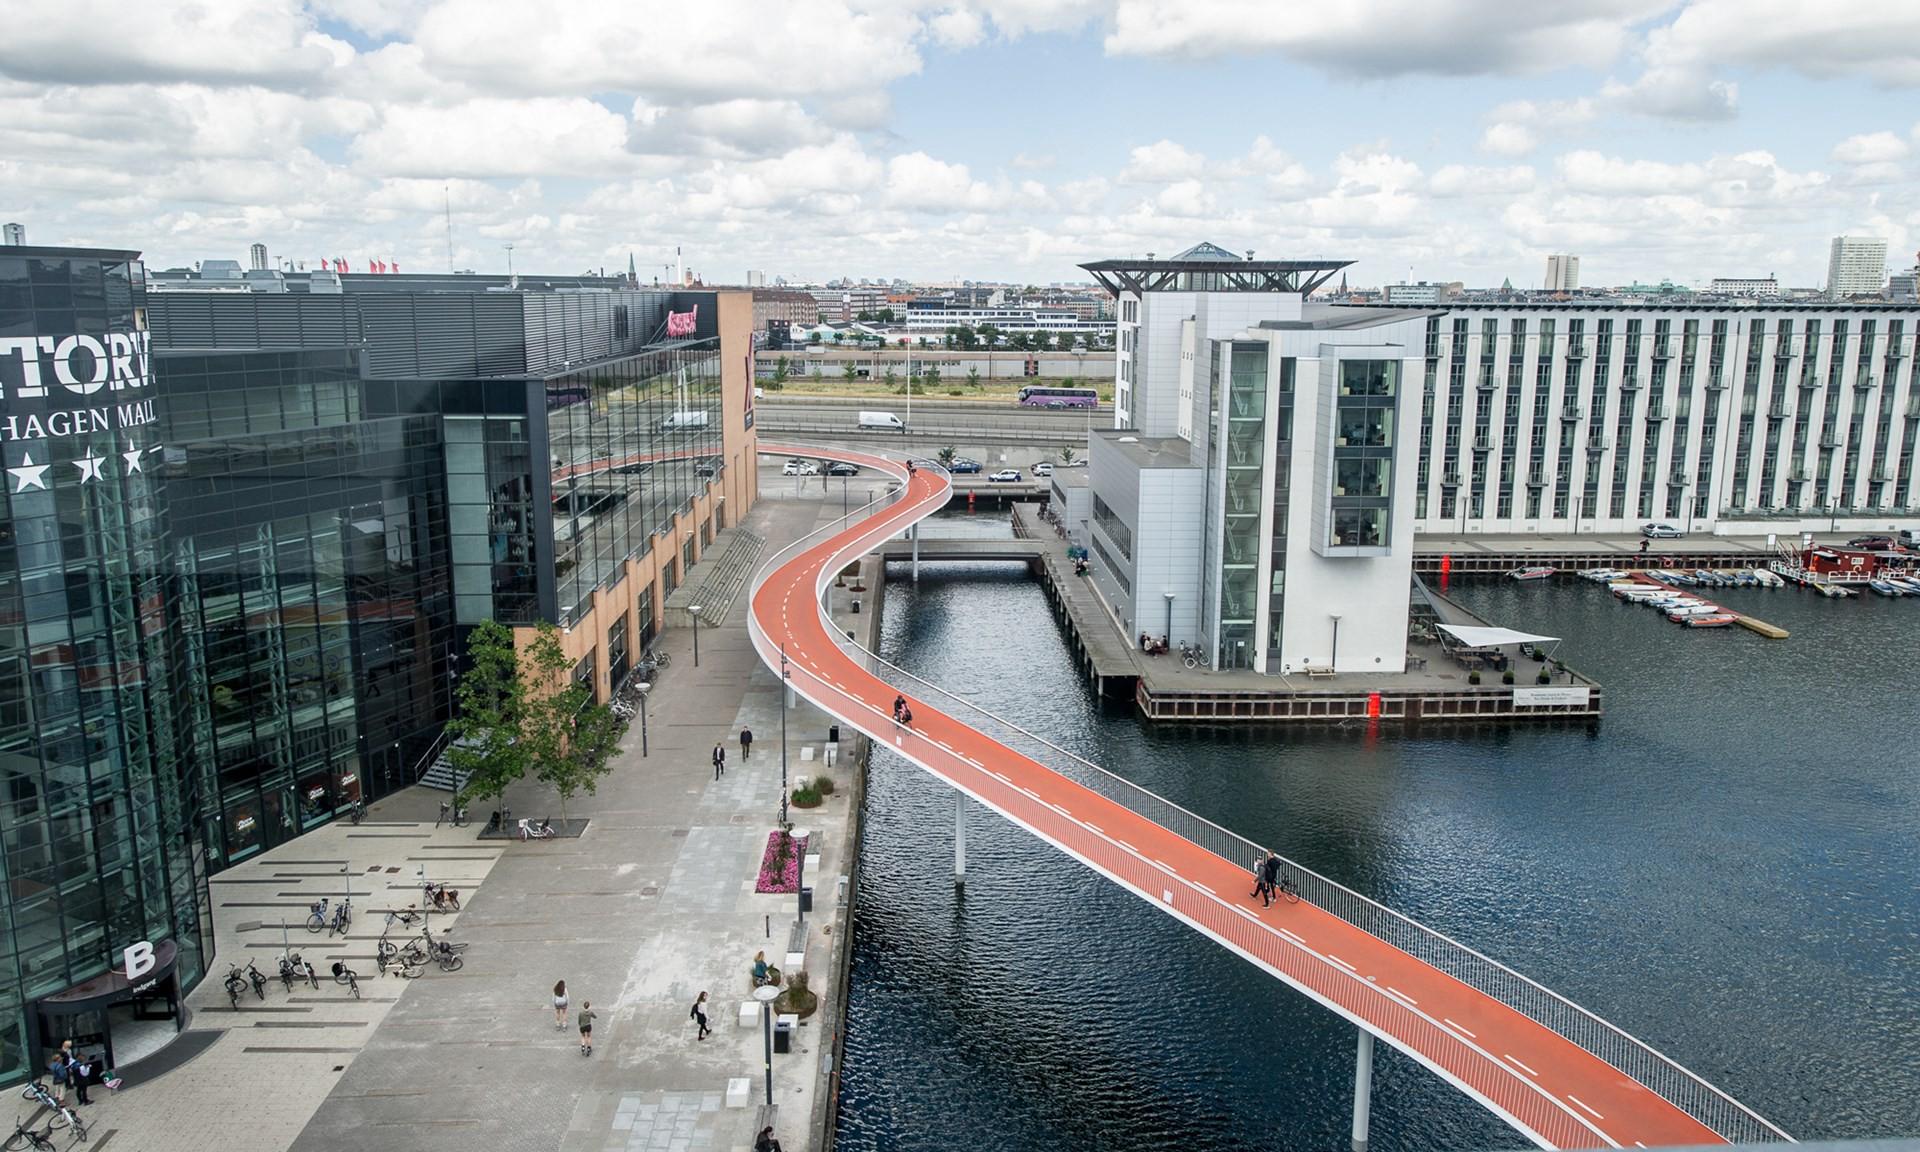 Мост для велосипедистов, Копенгаген, Дания